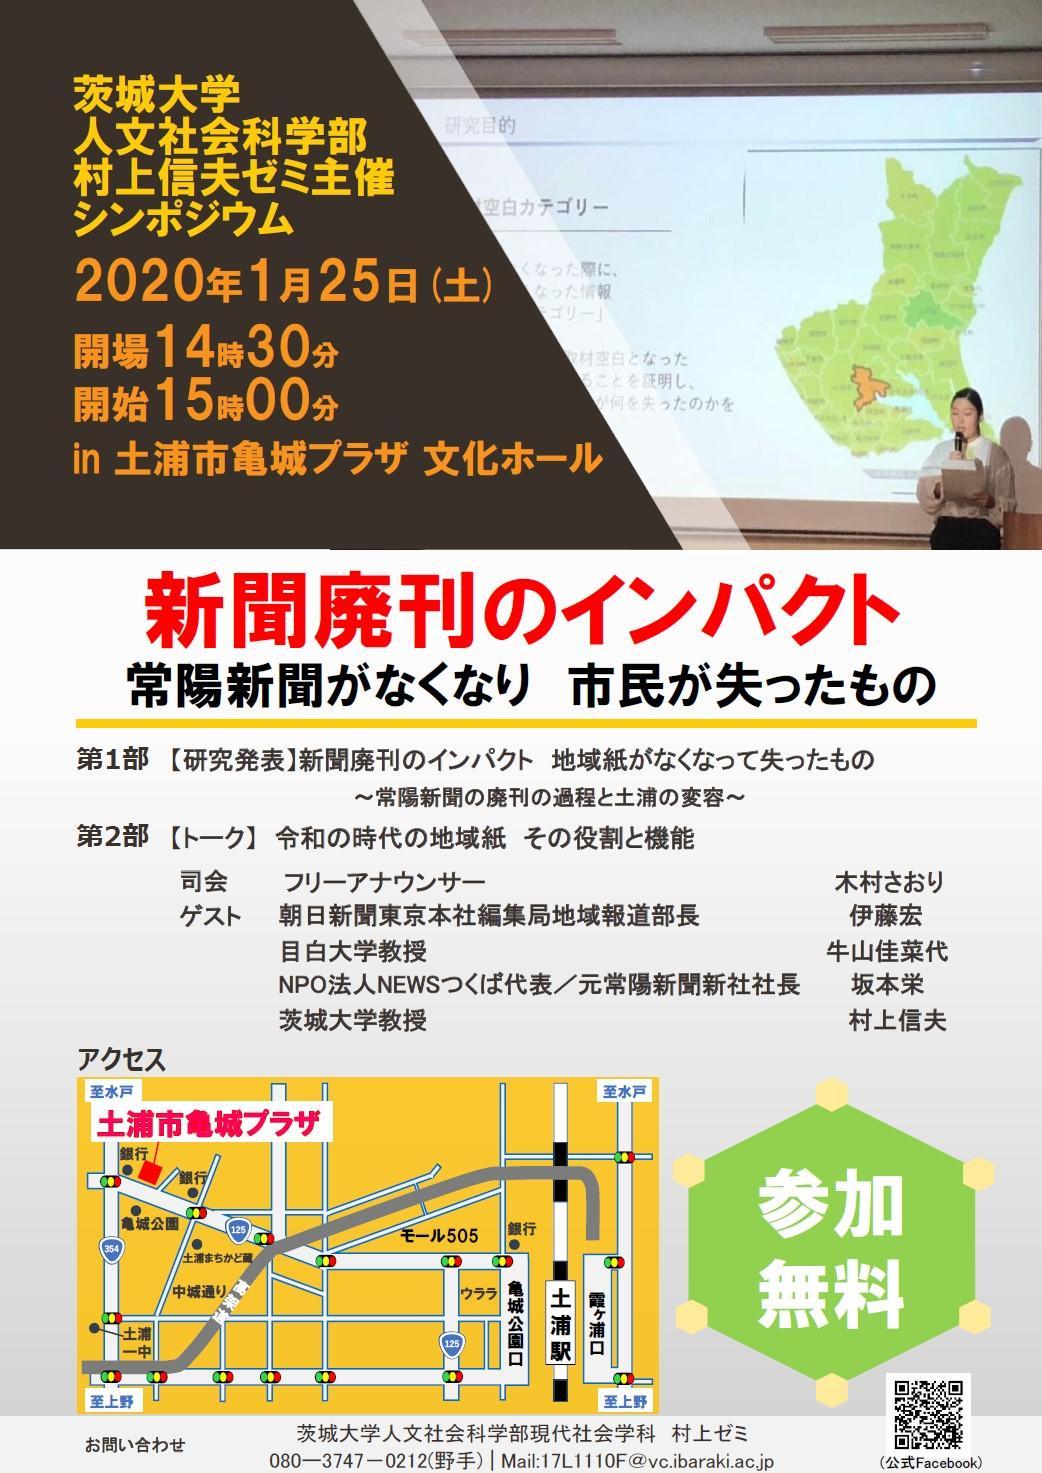 chiikishihaikan_sympo2.jpg